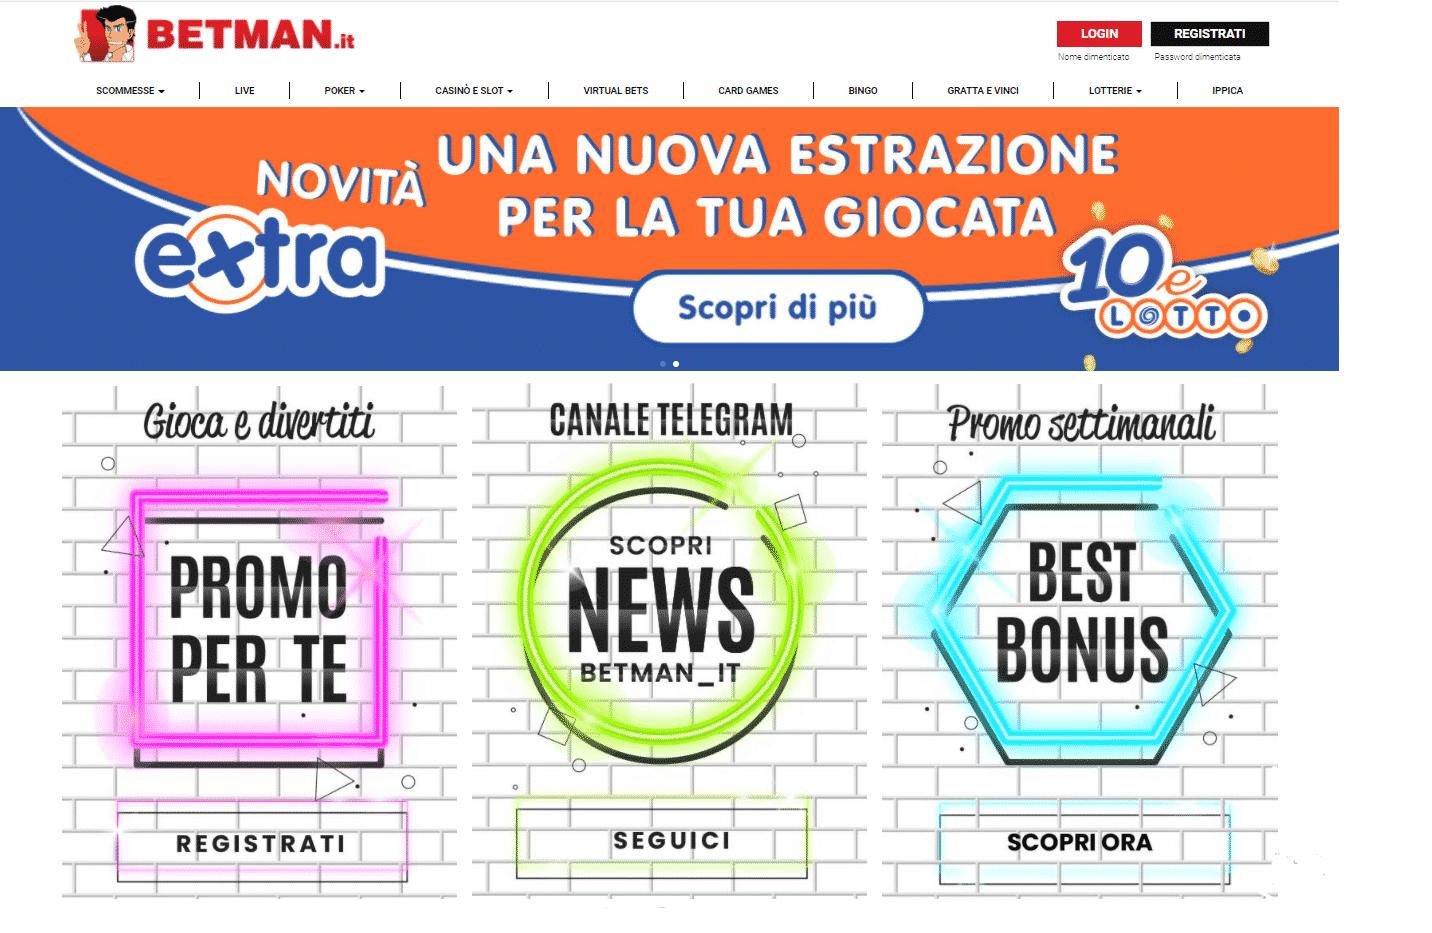 Betman Homepage